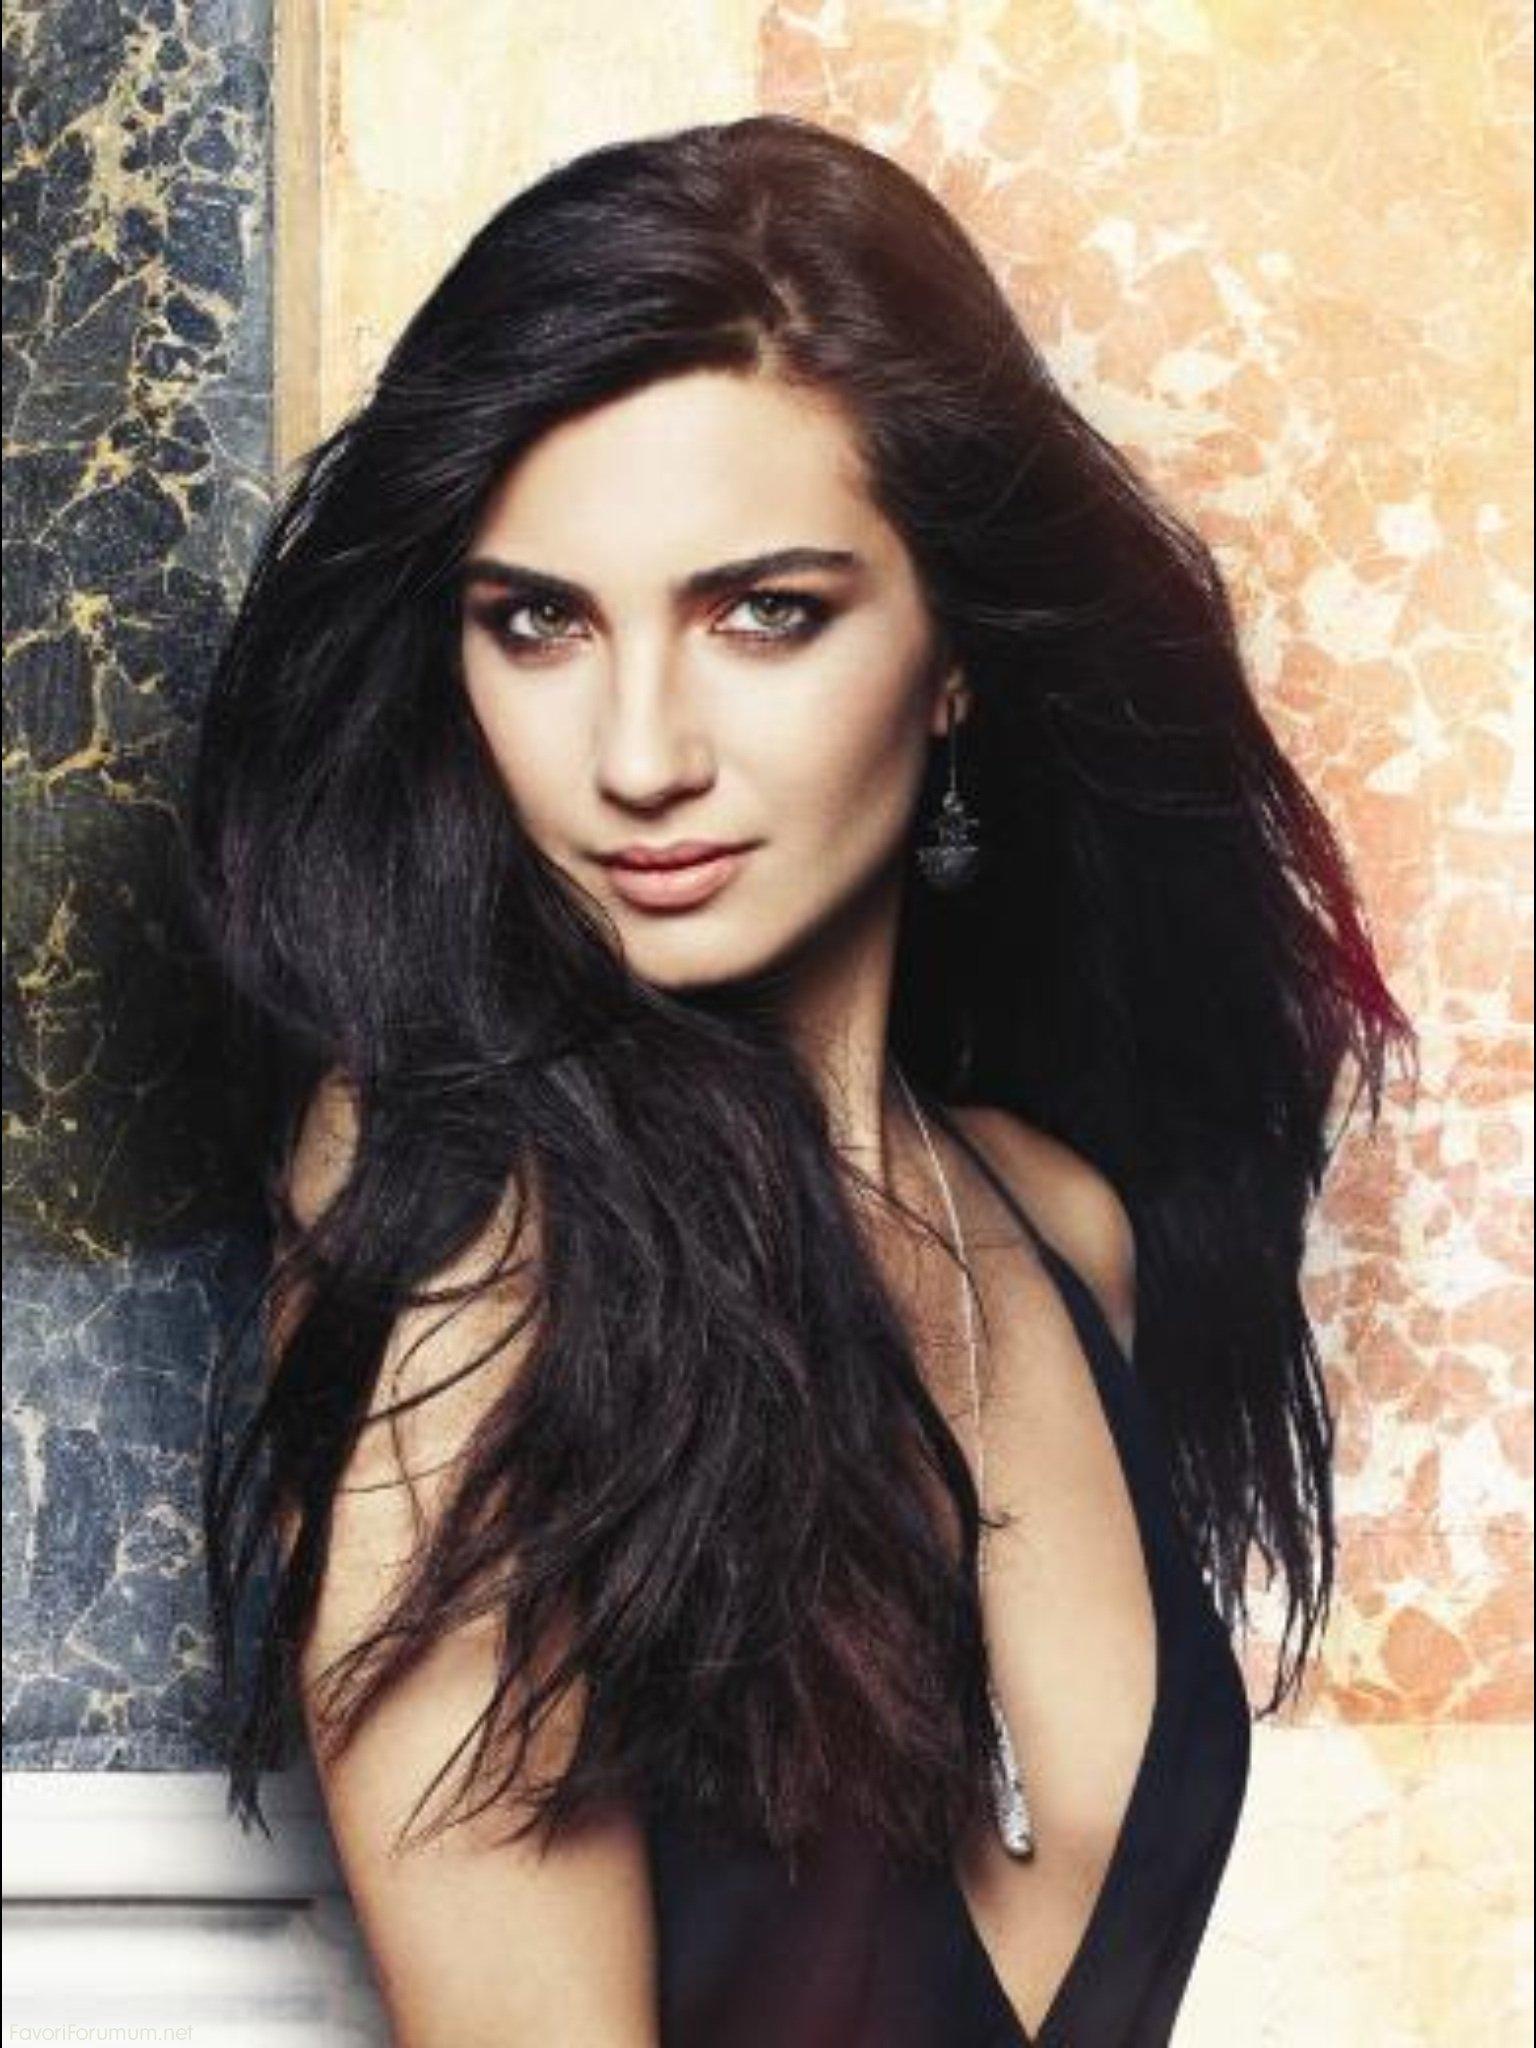 Фото самий красивий актрисы туркия 19 фотография